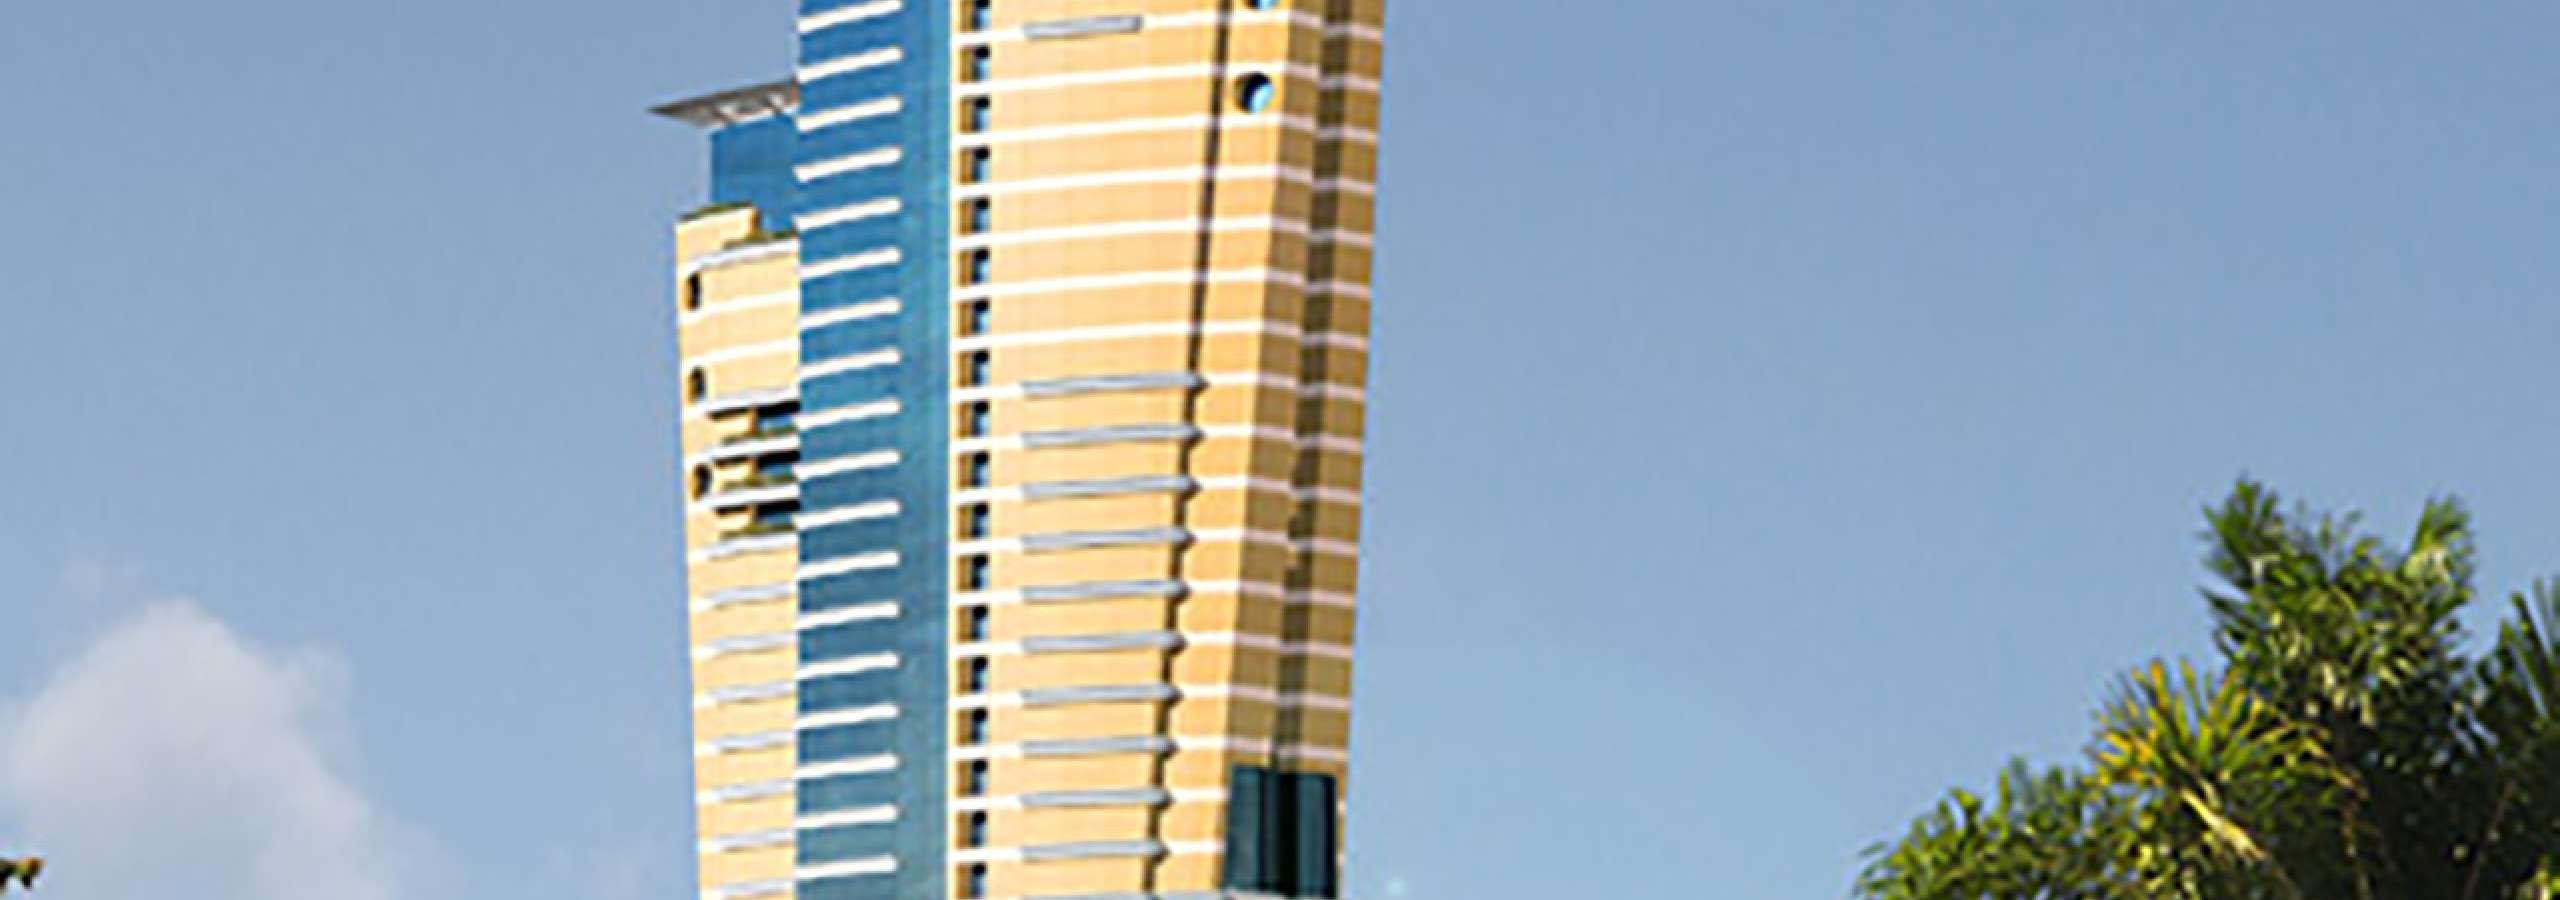 World Trade Center, Doha, Qatar